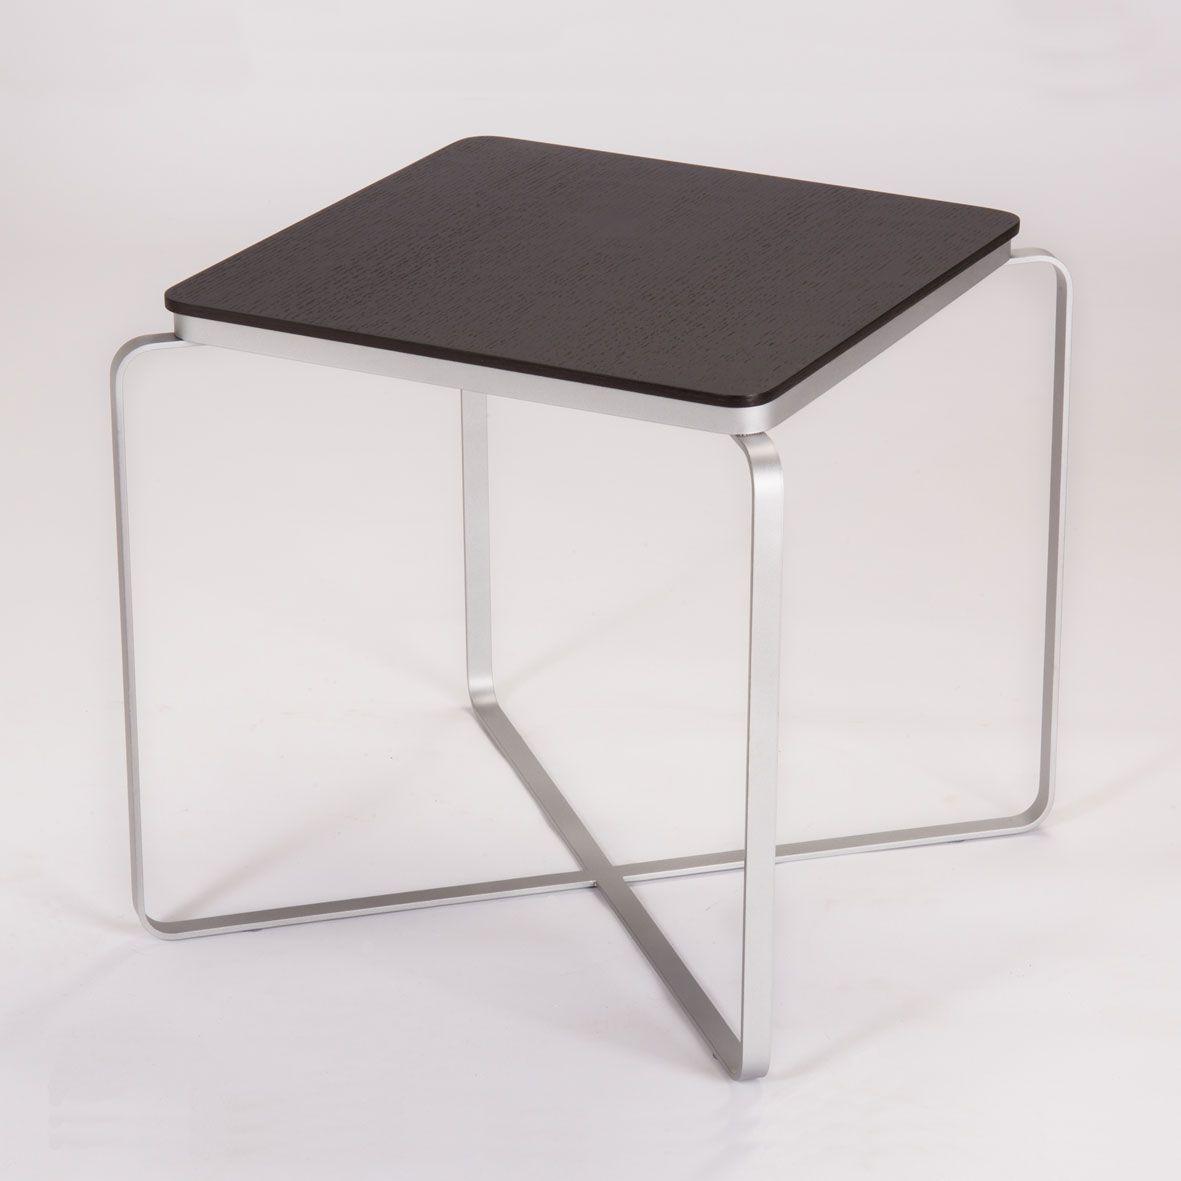 Formas y estilos diferentes para cada espacio. Visita lumoliving.com para ventas y más información. #Lumoliving #Temps #Table con cubierta de madera.